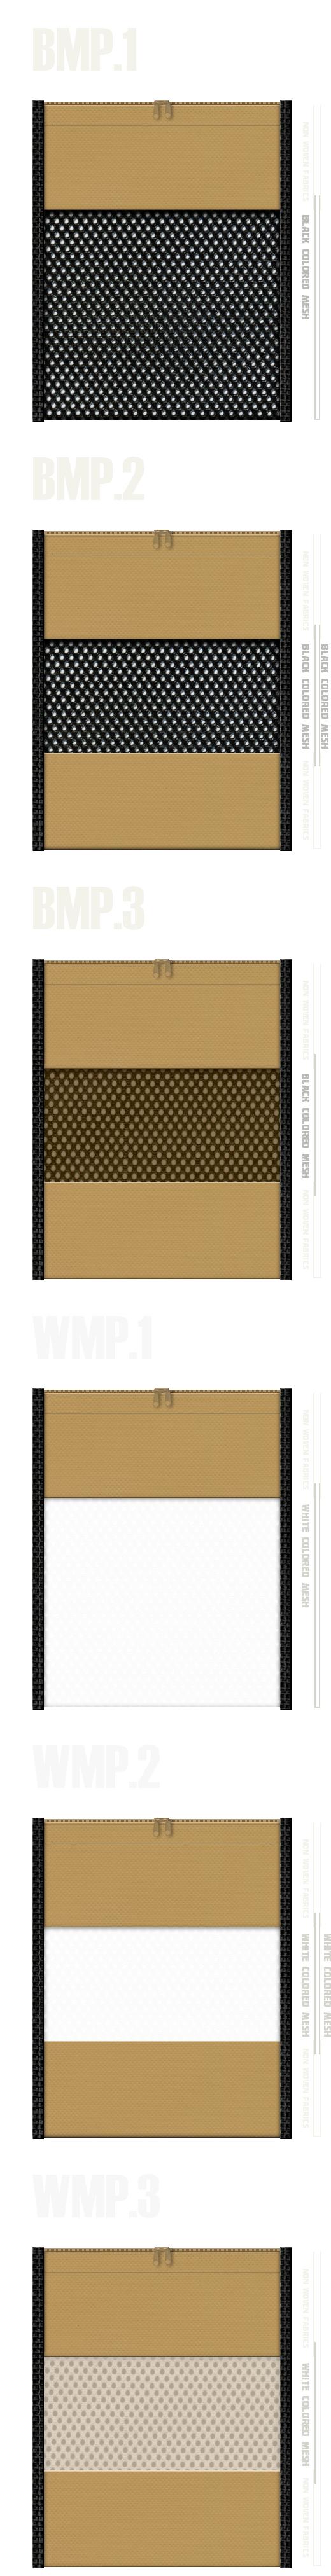 メッシュポーチのカラーシミュレーション:黒色・白色メッシュと金黄土色不織布の組み合わせ